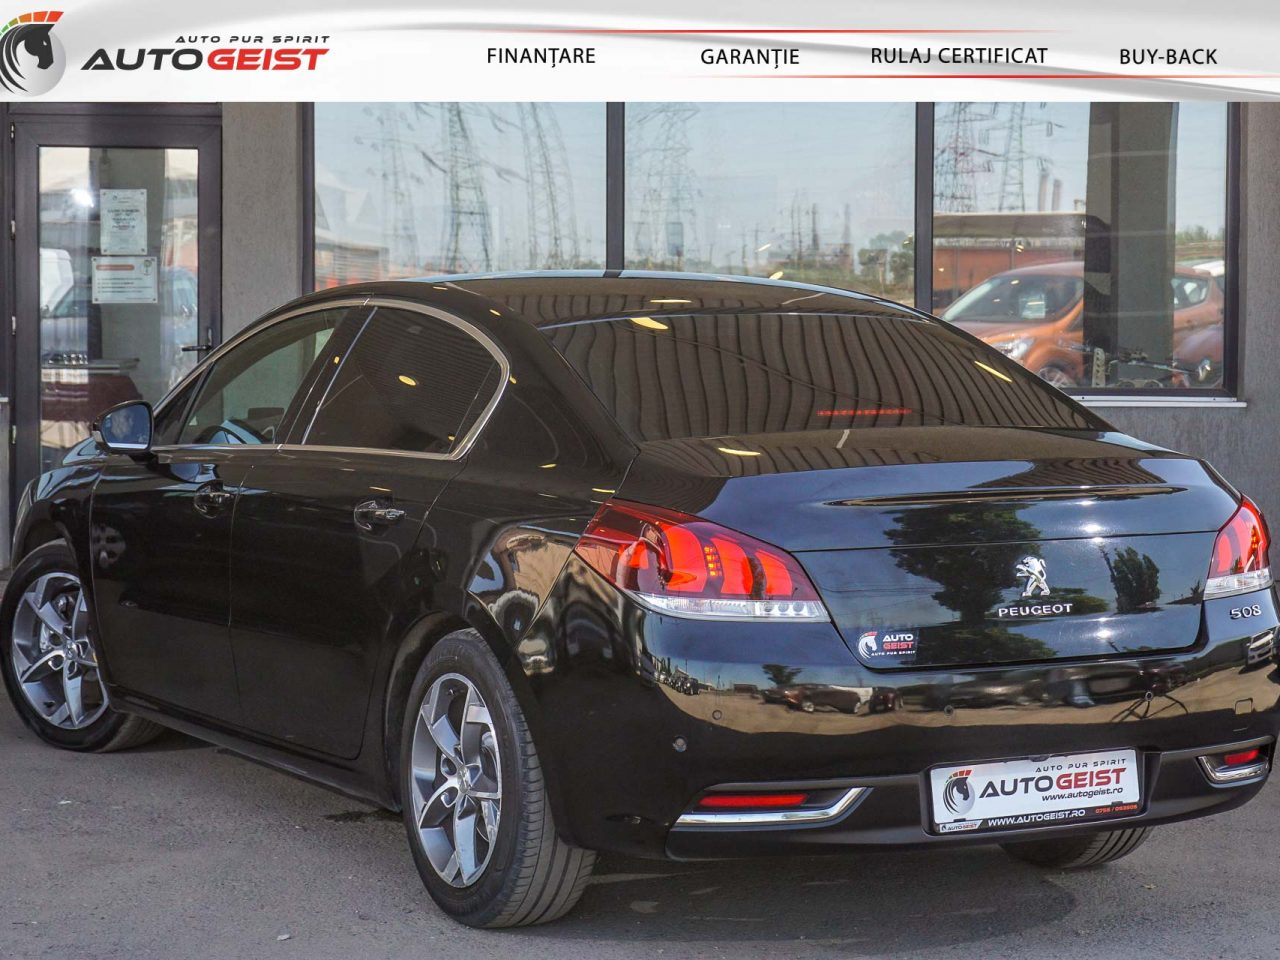 585-peugeot-508-sedan-negru-01727